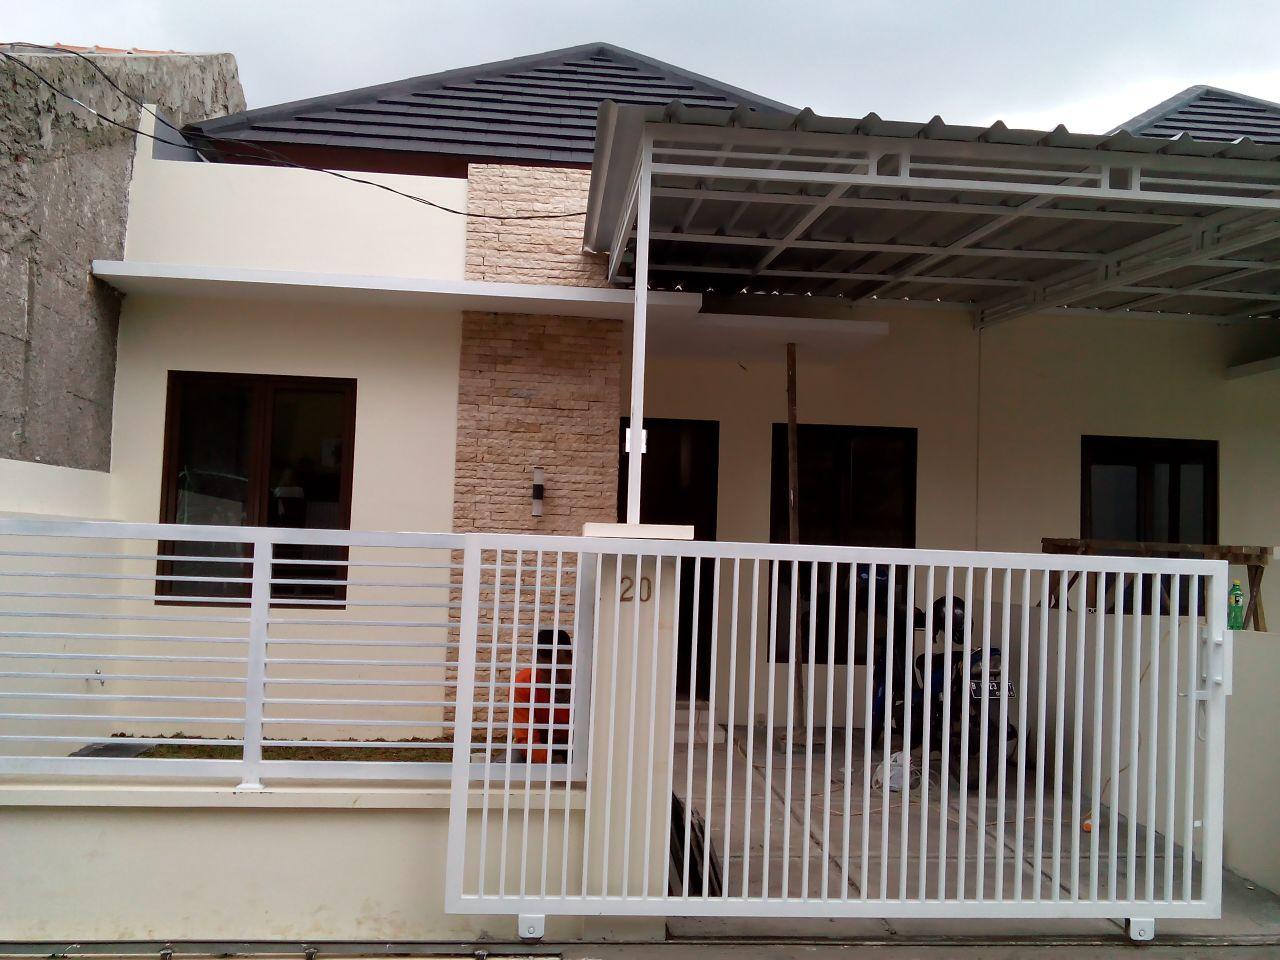 Jual Rumah di Tangerang Selatan - Strategi Properti